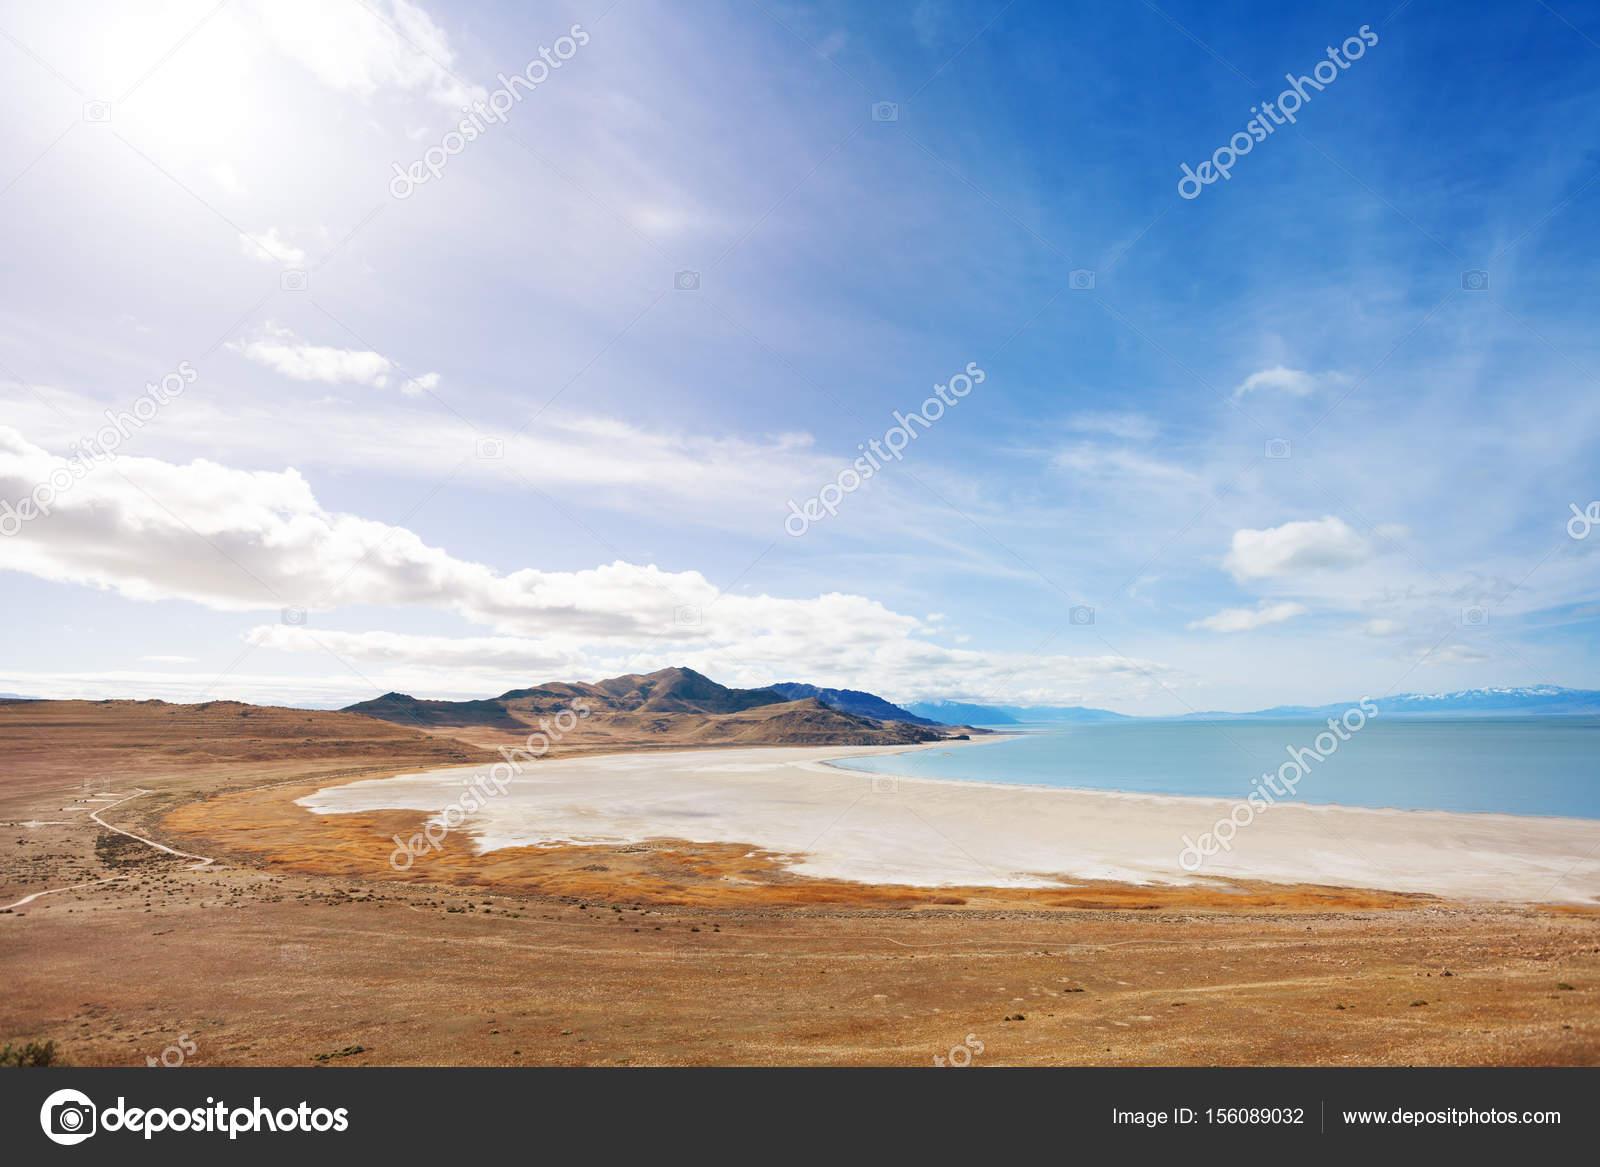 slané jezero město připojitkiss africa dating site